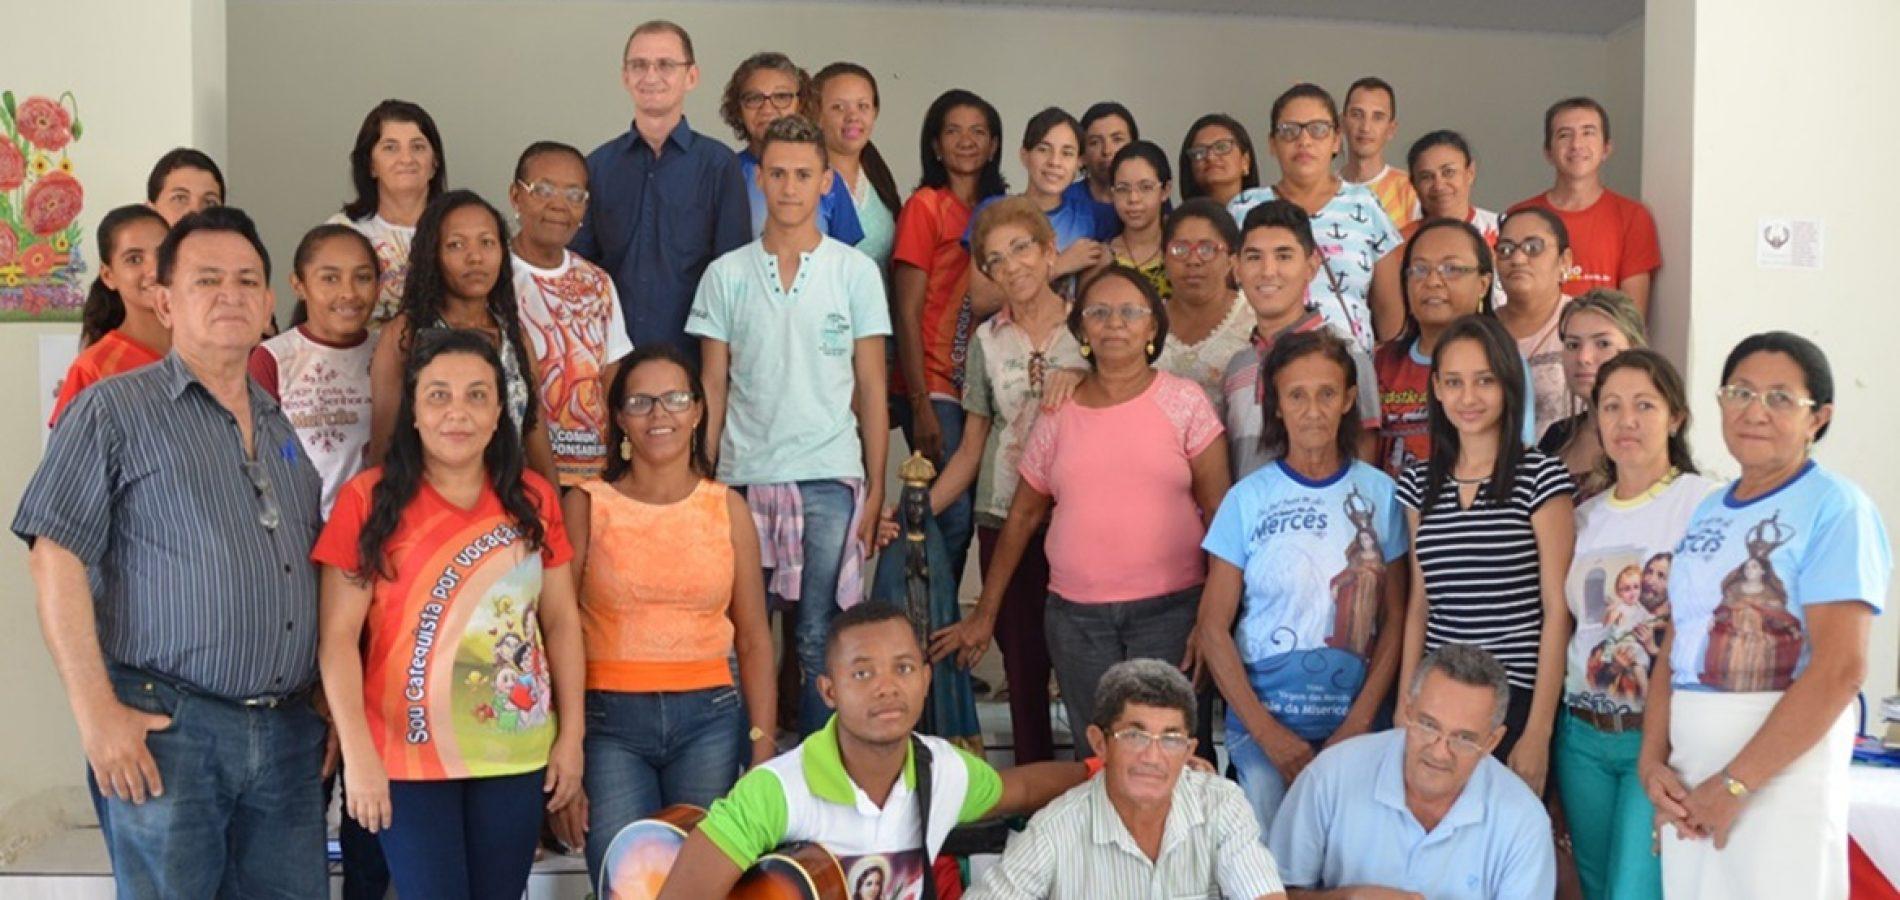 Paróquia de Jaicós realiza Assembleia Paroquial de Pastoral